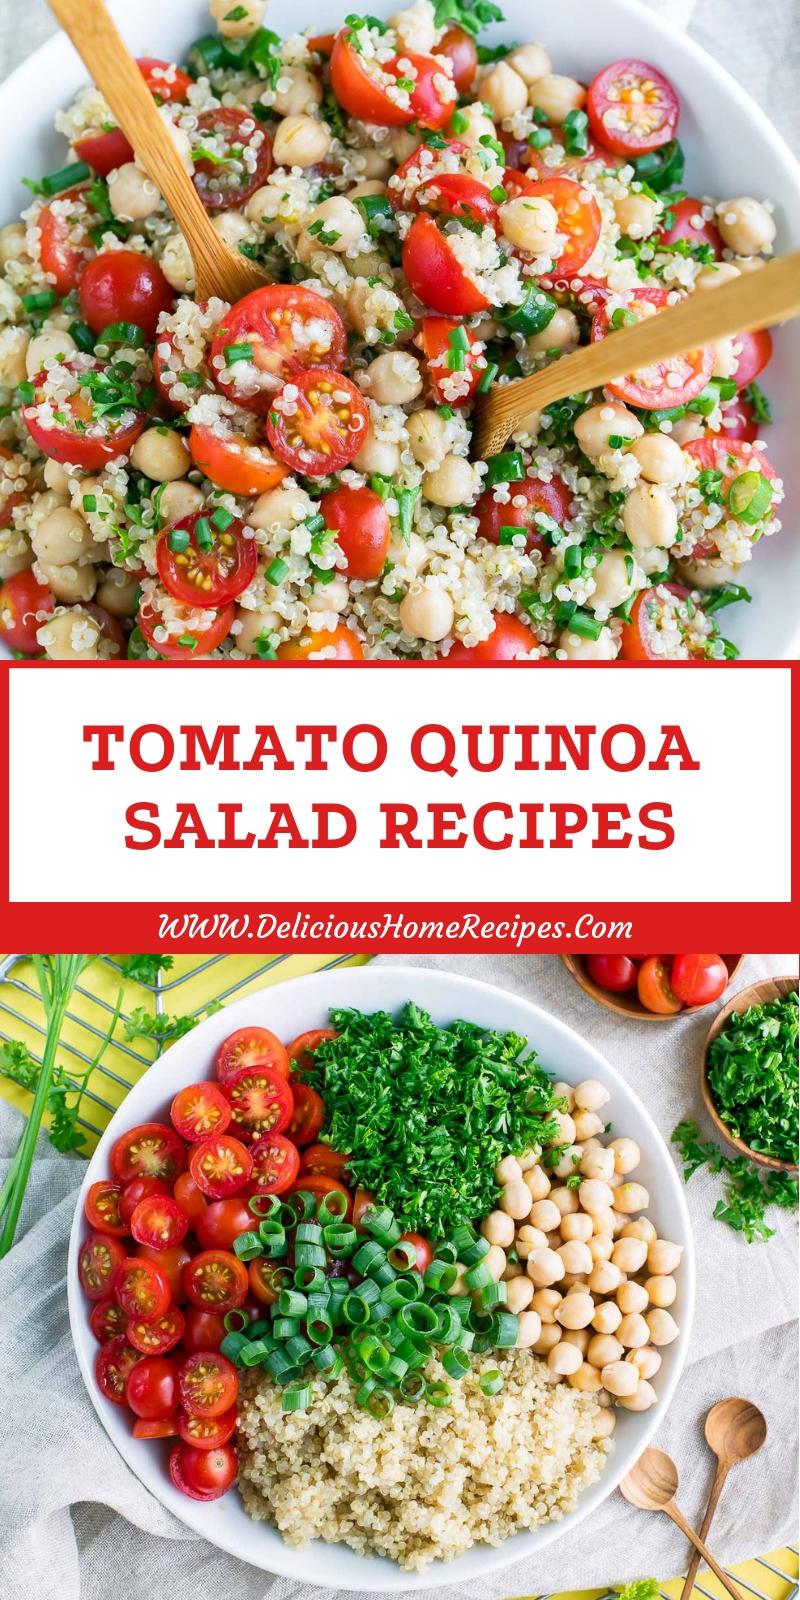 Tomato Quinoa Salad Recipes